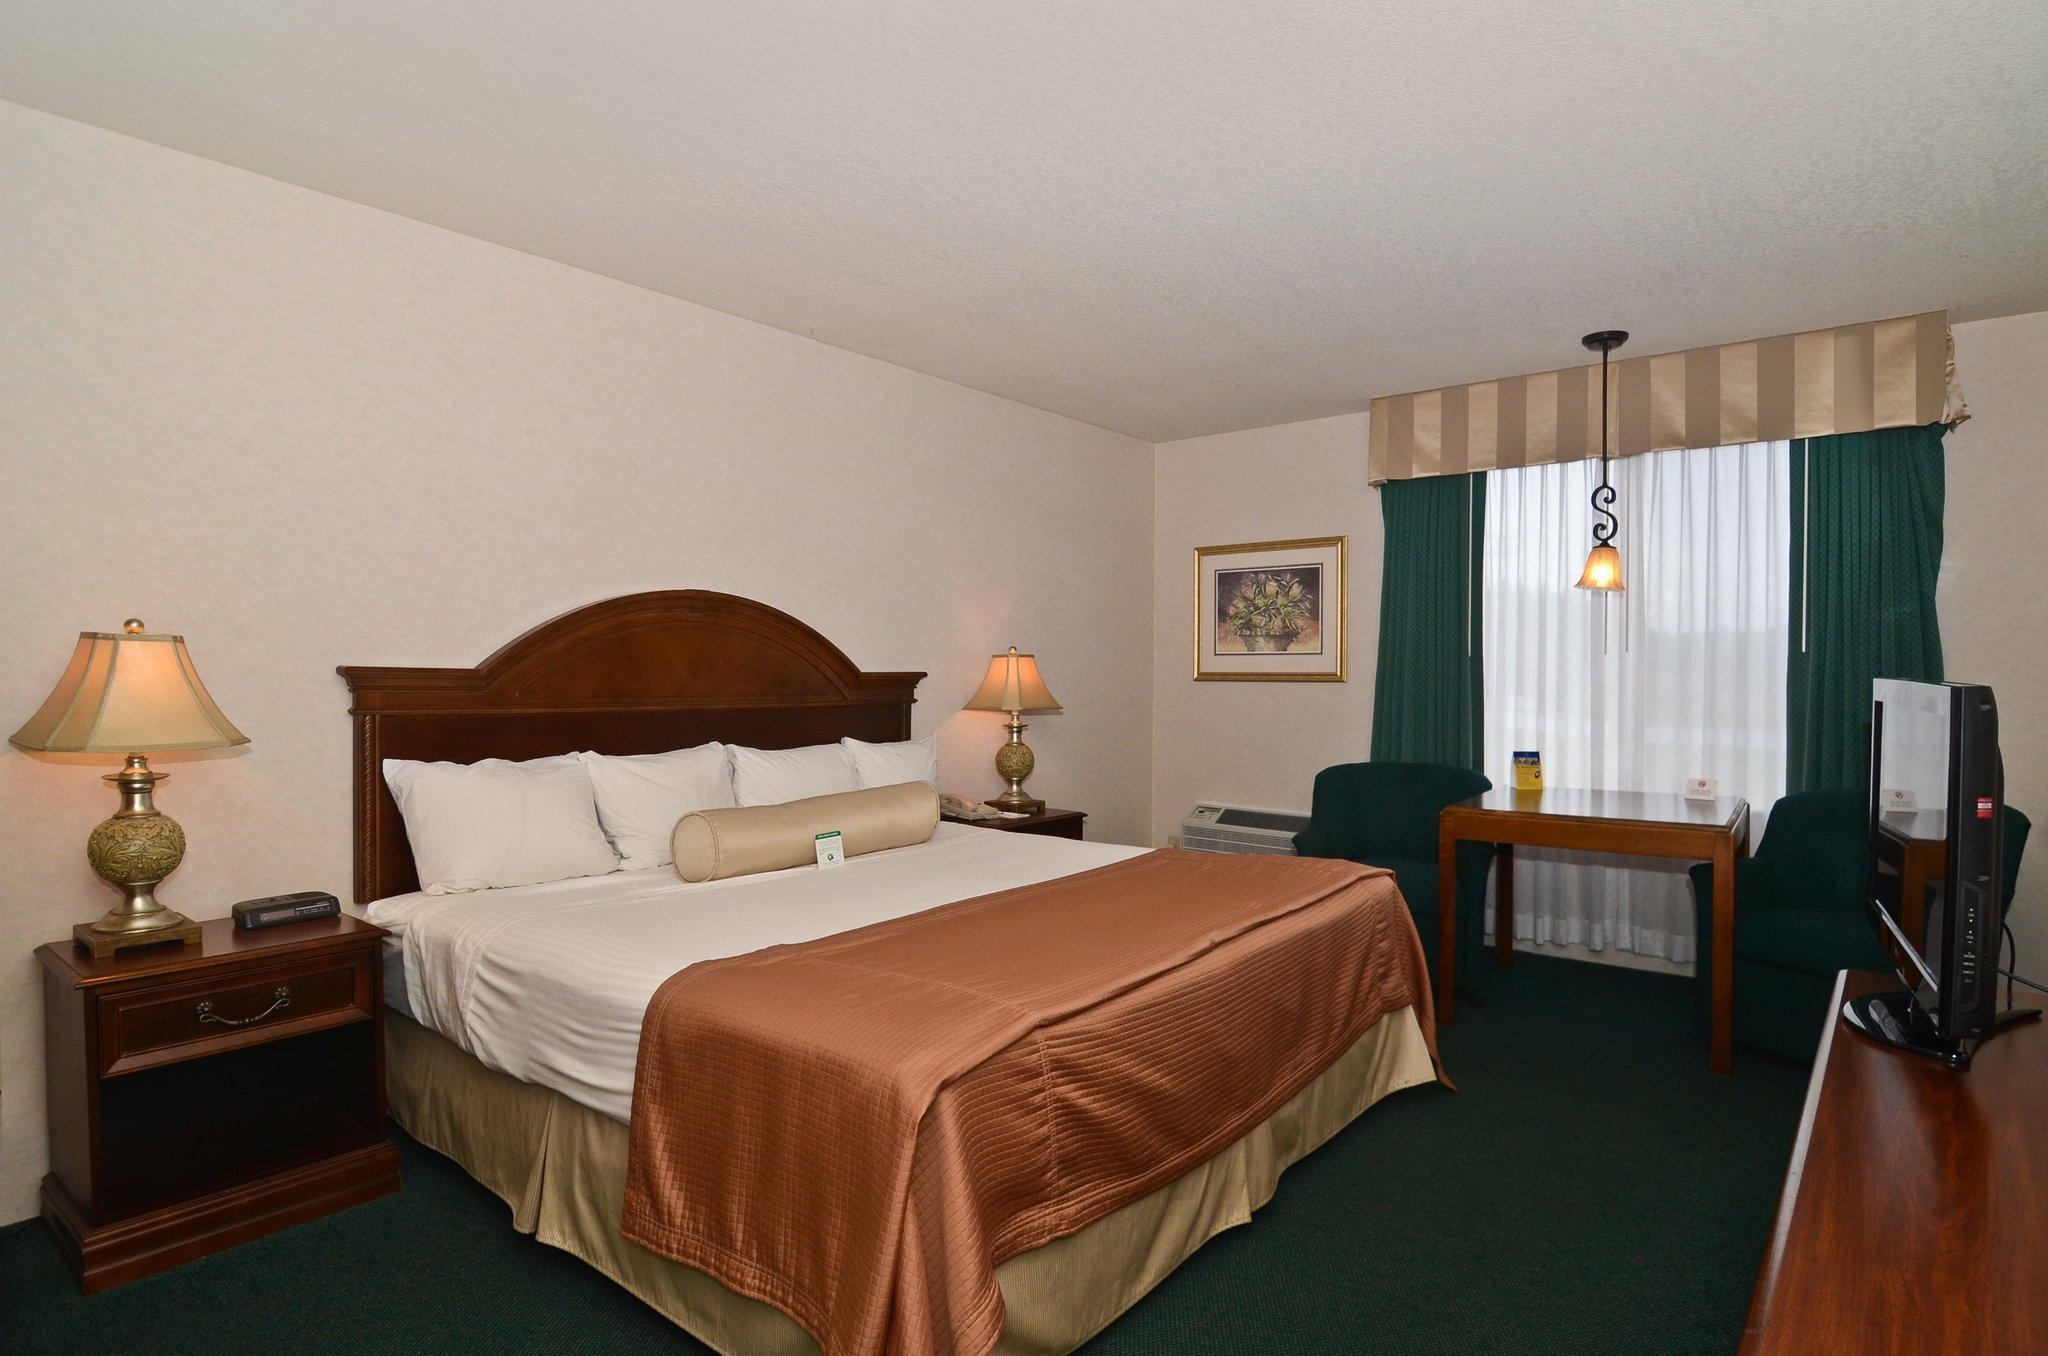 貝斯特韋斯特里茨港薩巴斯軍套房酒店